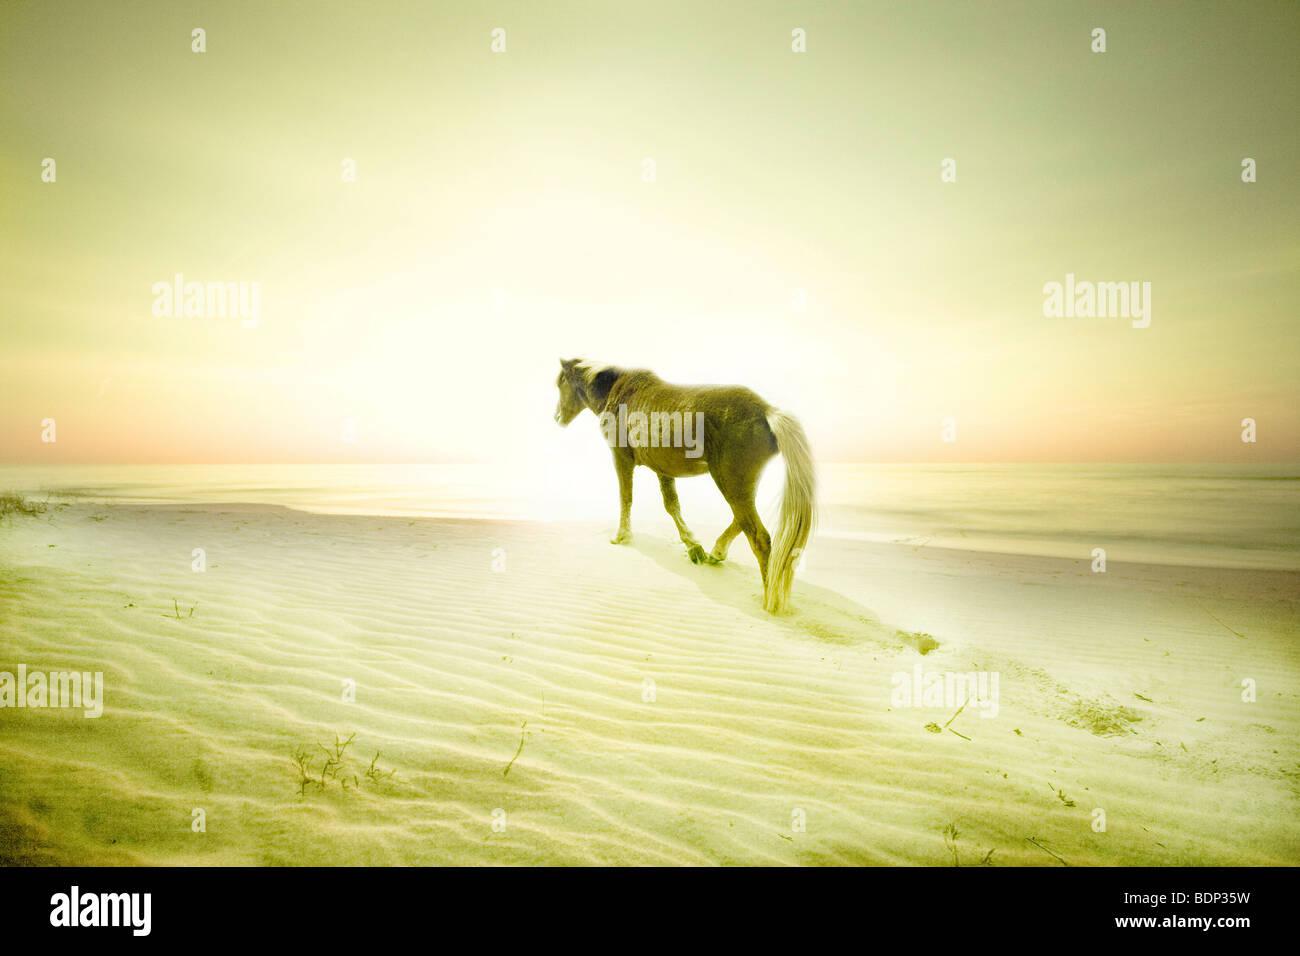 Ein Pony auf einem sandigen Strand Stockfoto